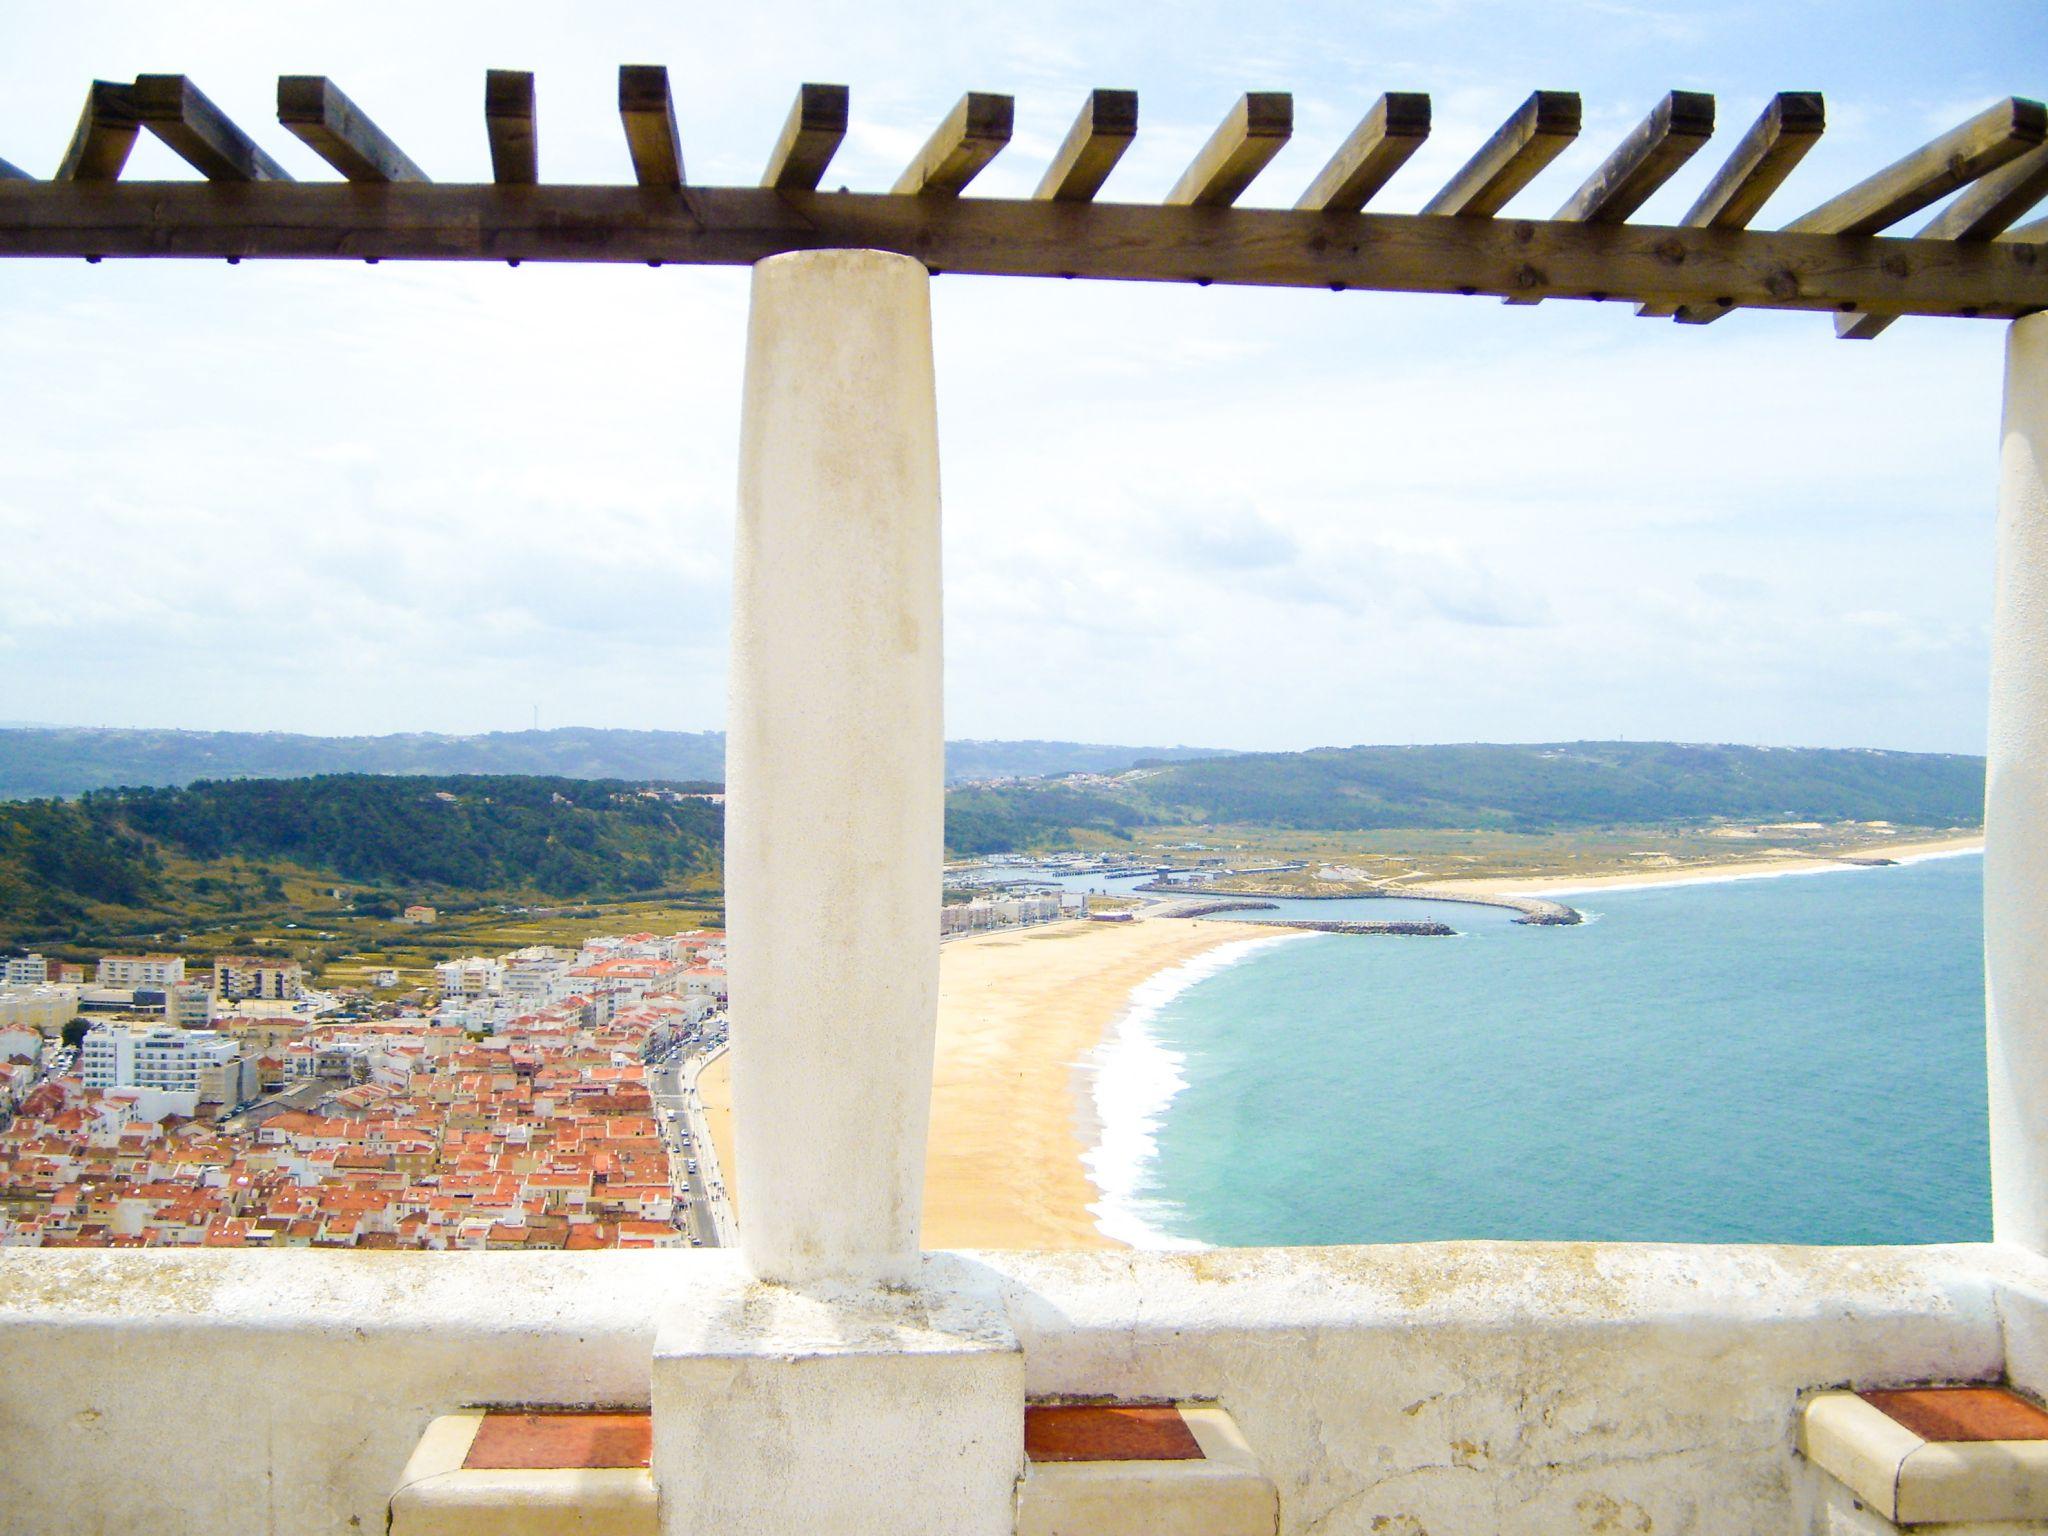 Miradouro do Suberco, Nazaré, Portugal